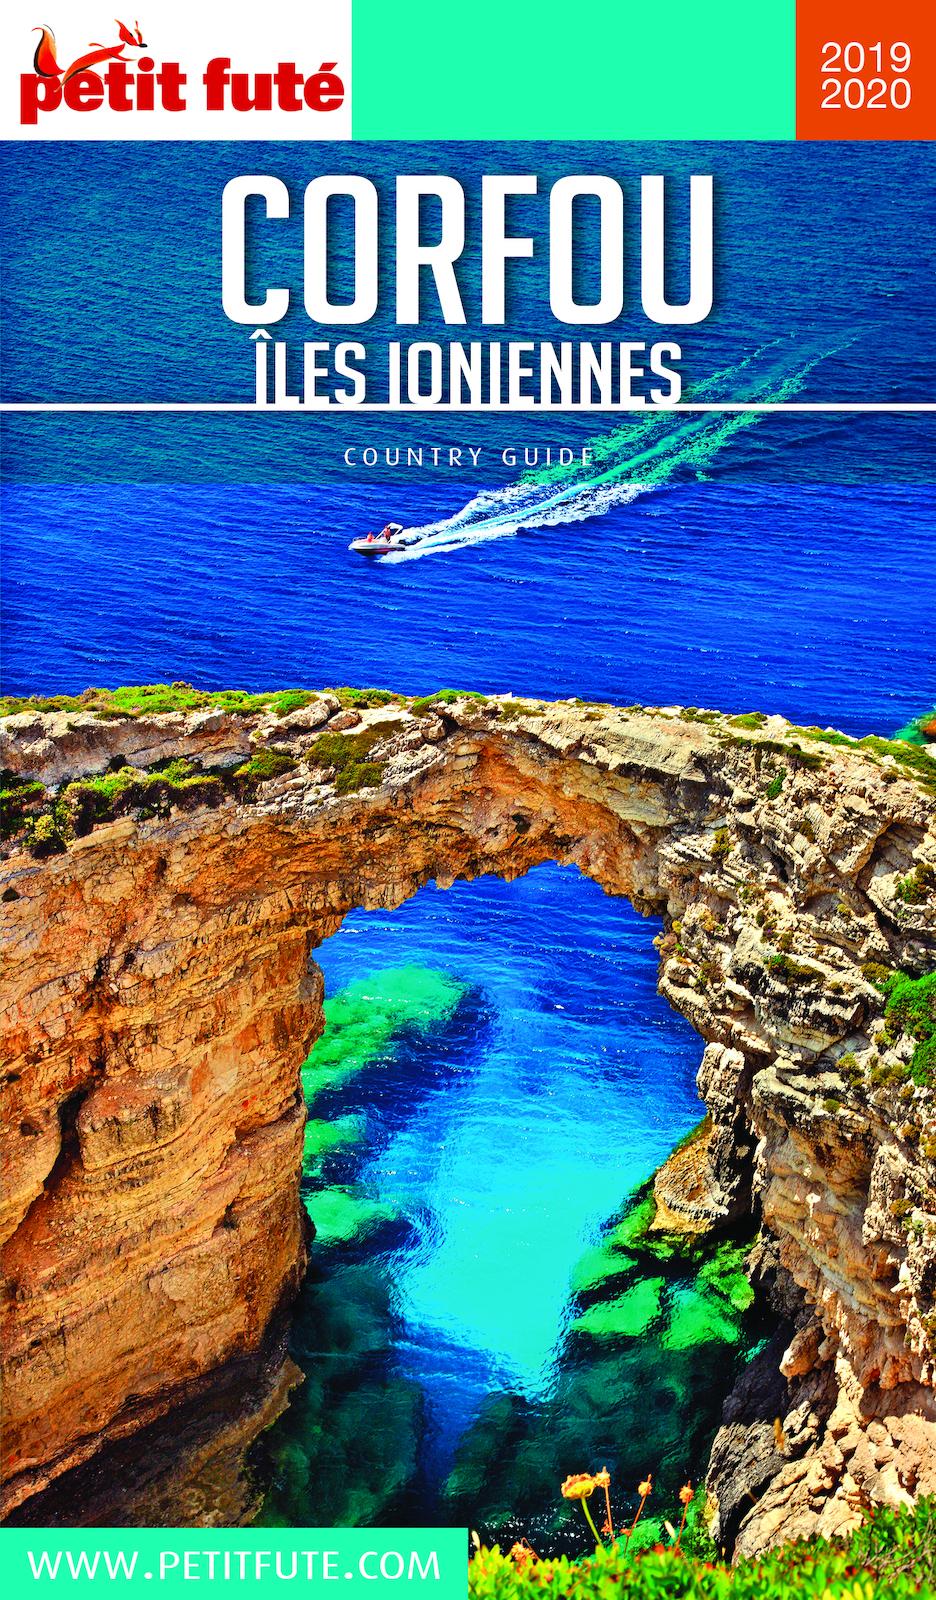 CORFOU - ILES IONIENNES 2019/2020 Petit Futé